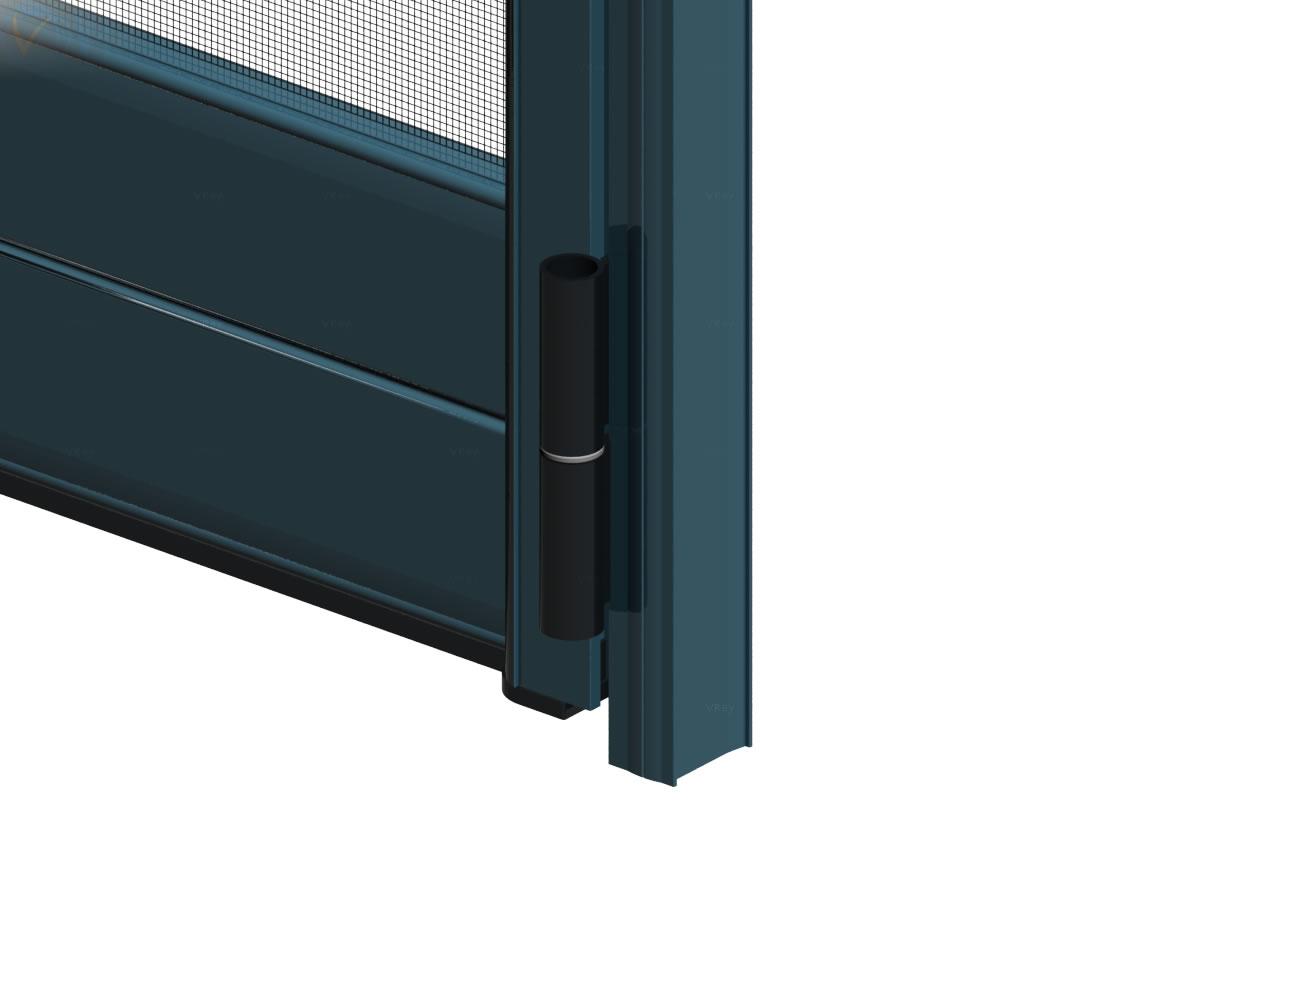 Opening Double Door Thumbnail